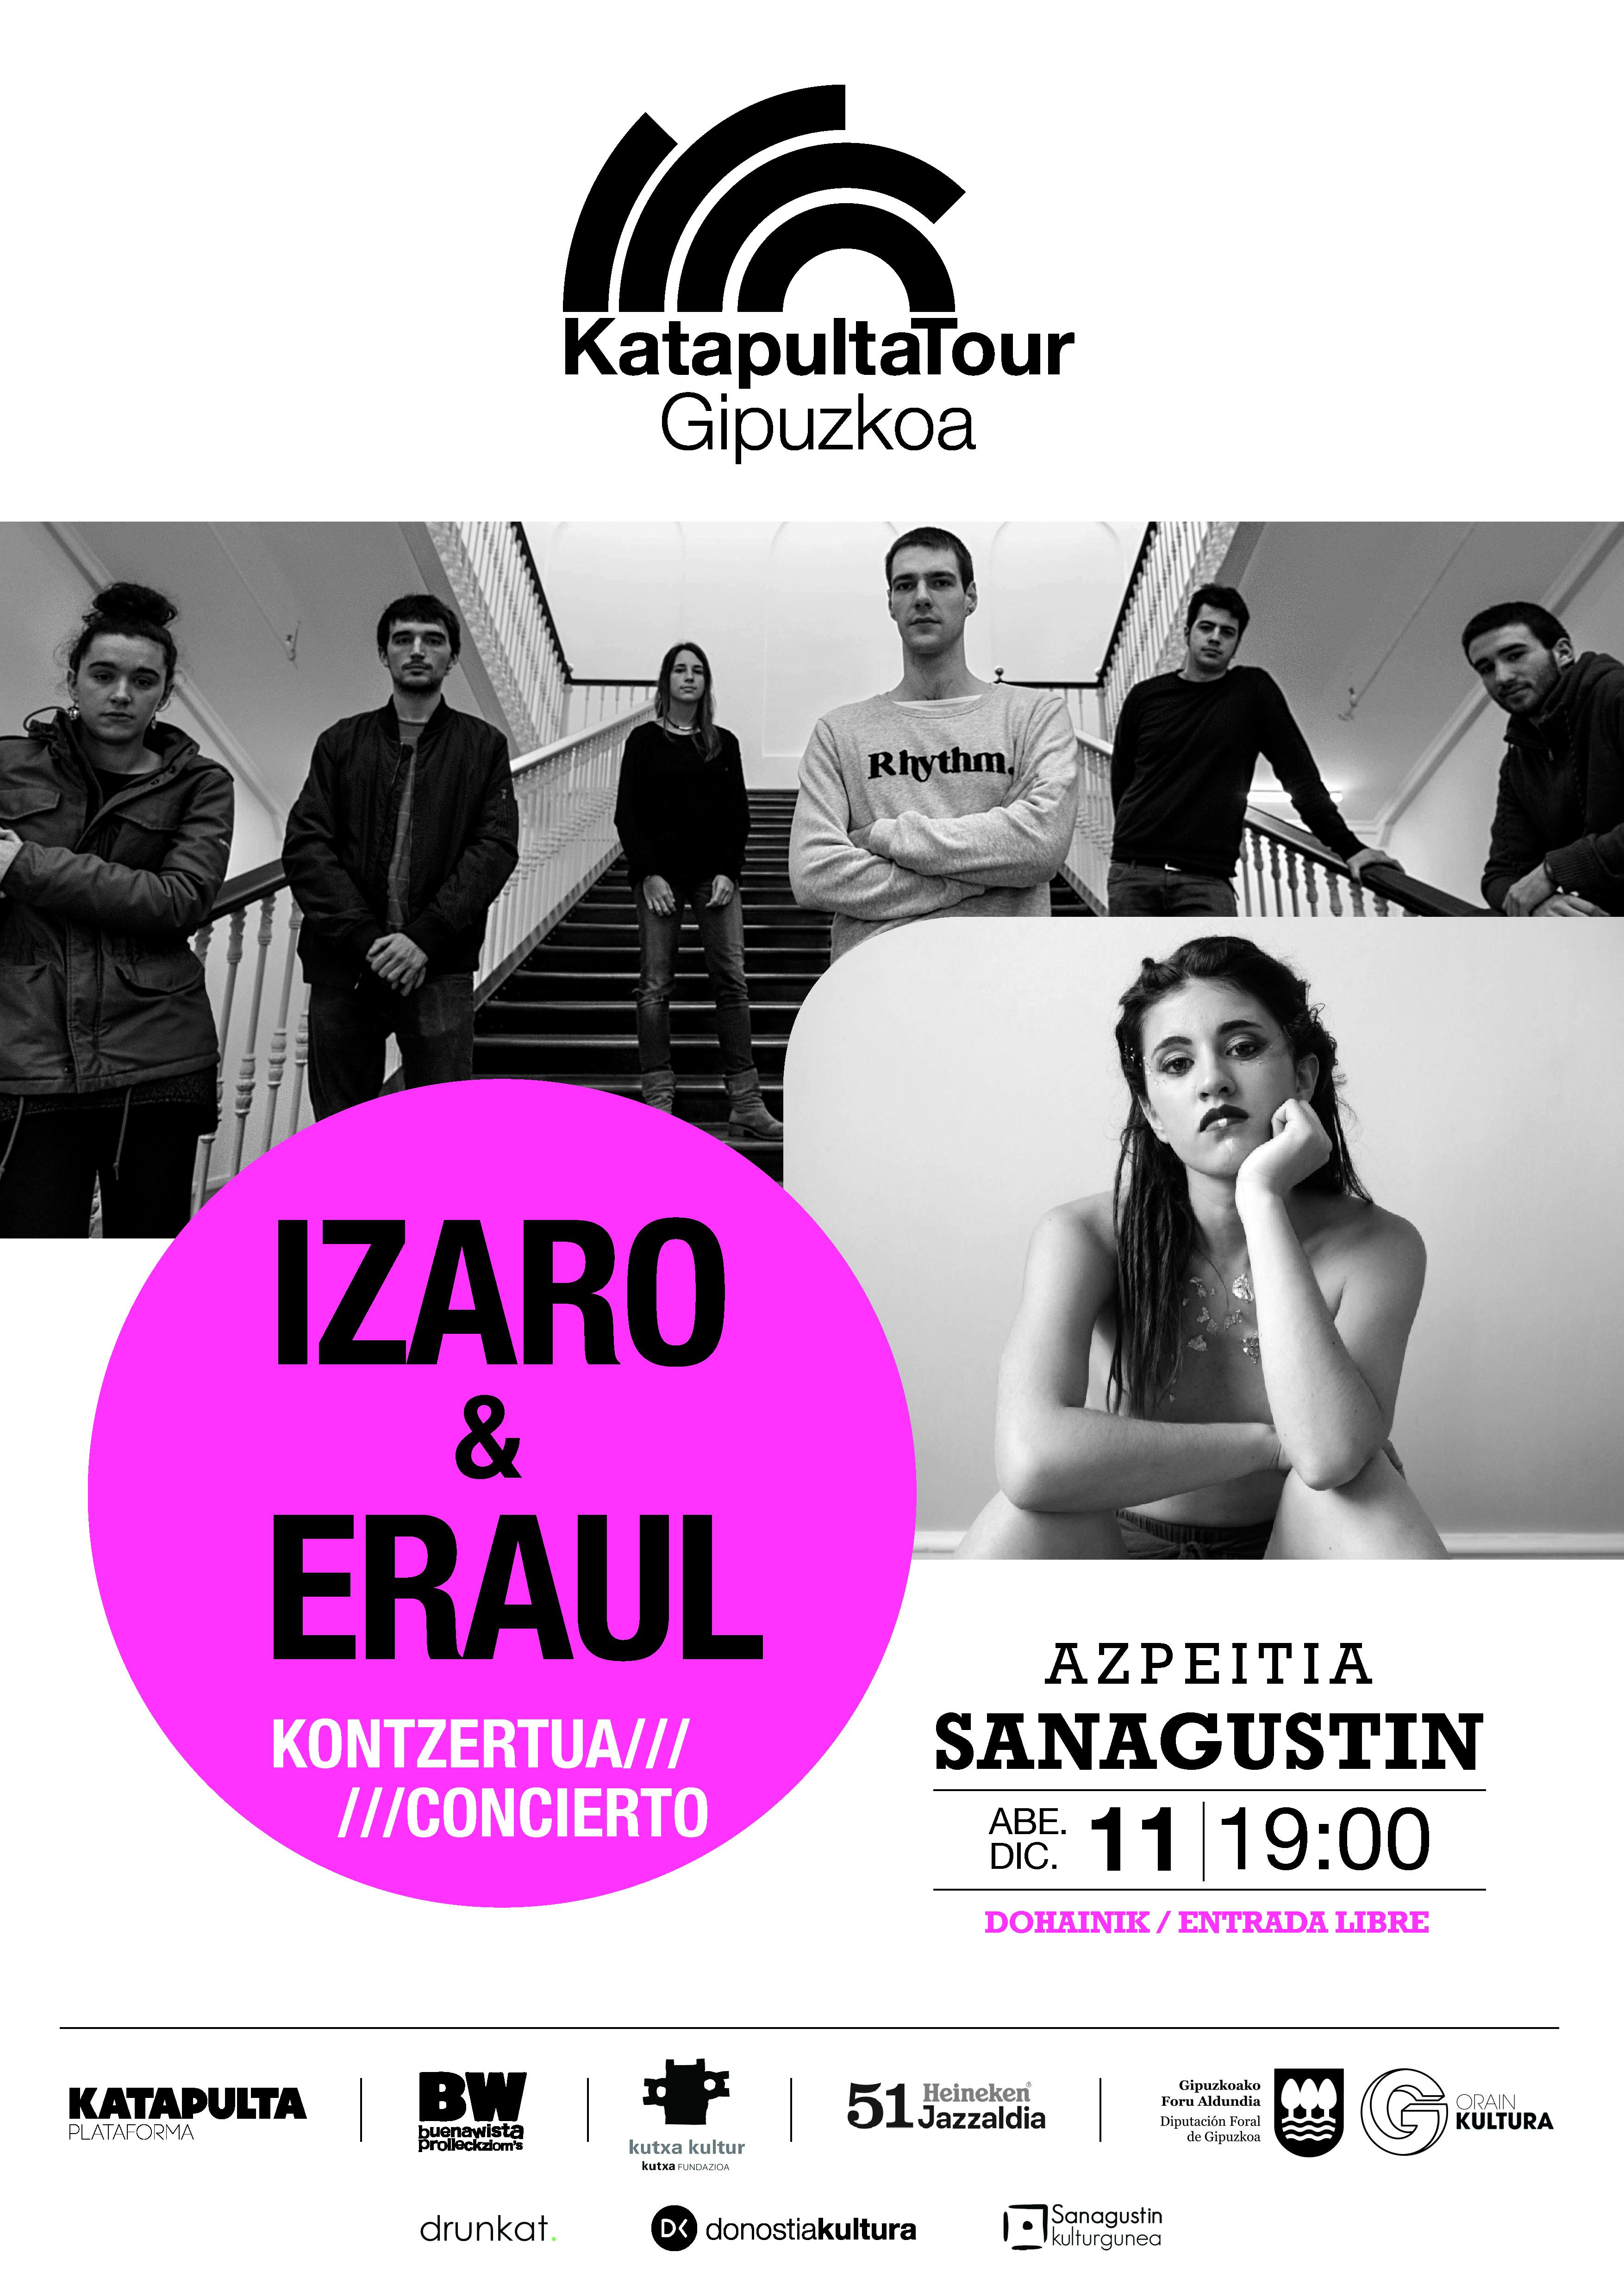 Izaro+Eraul